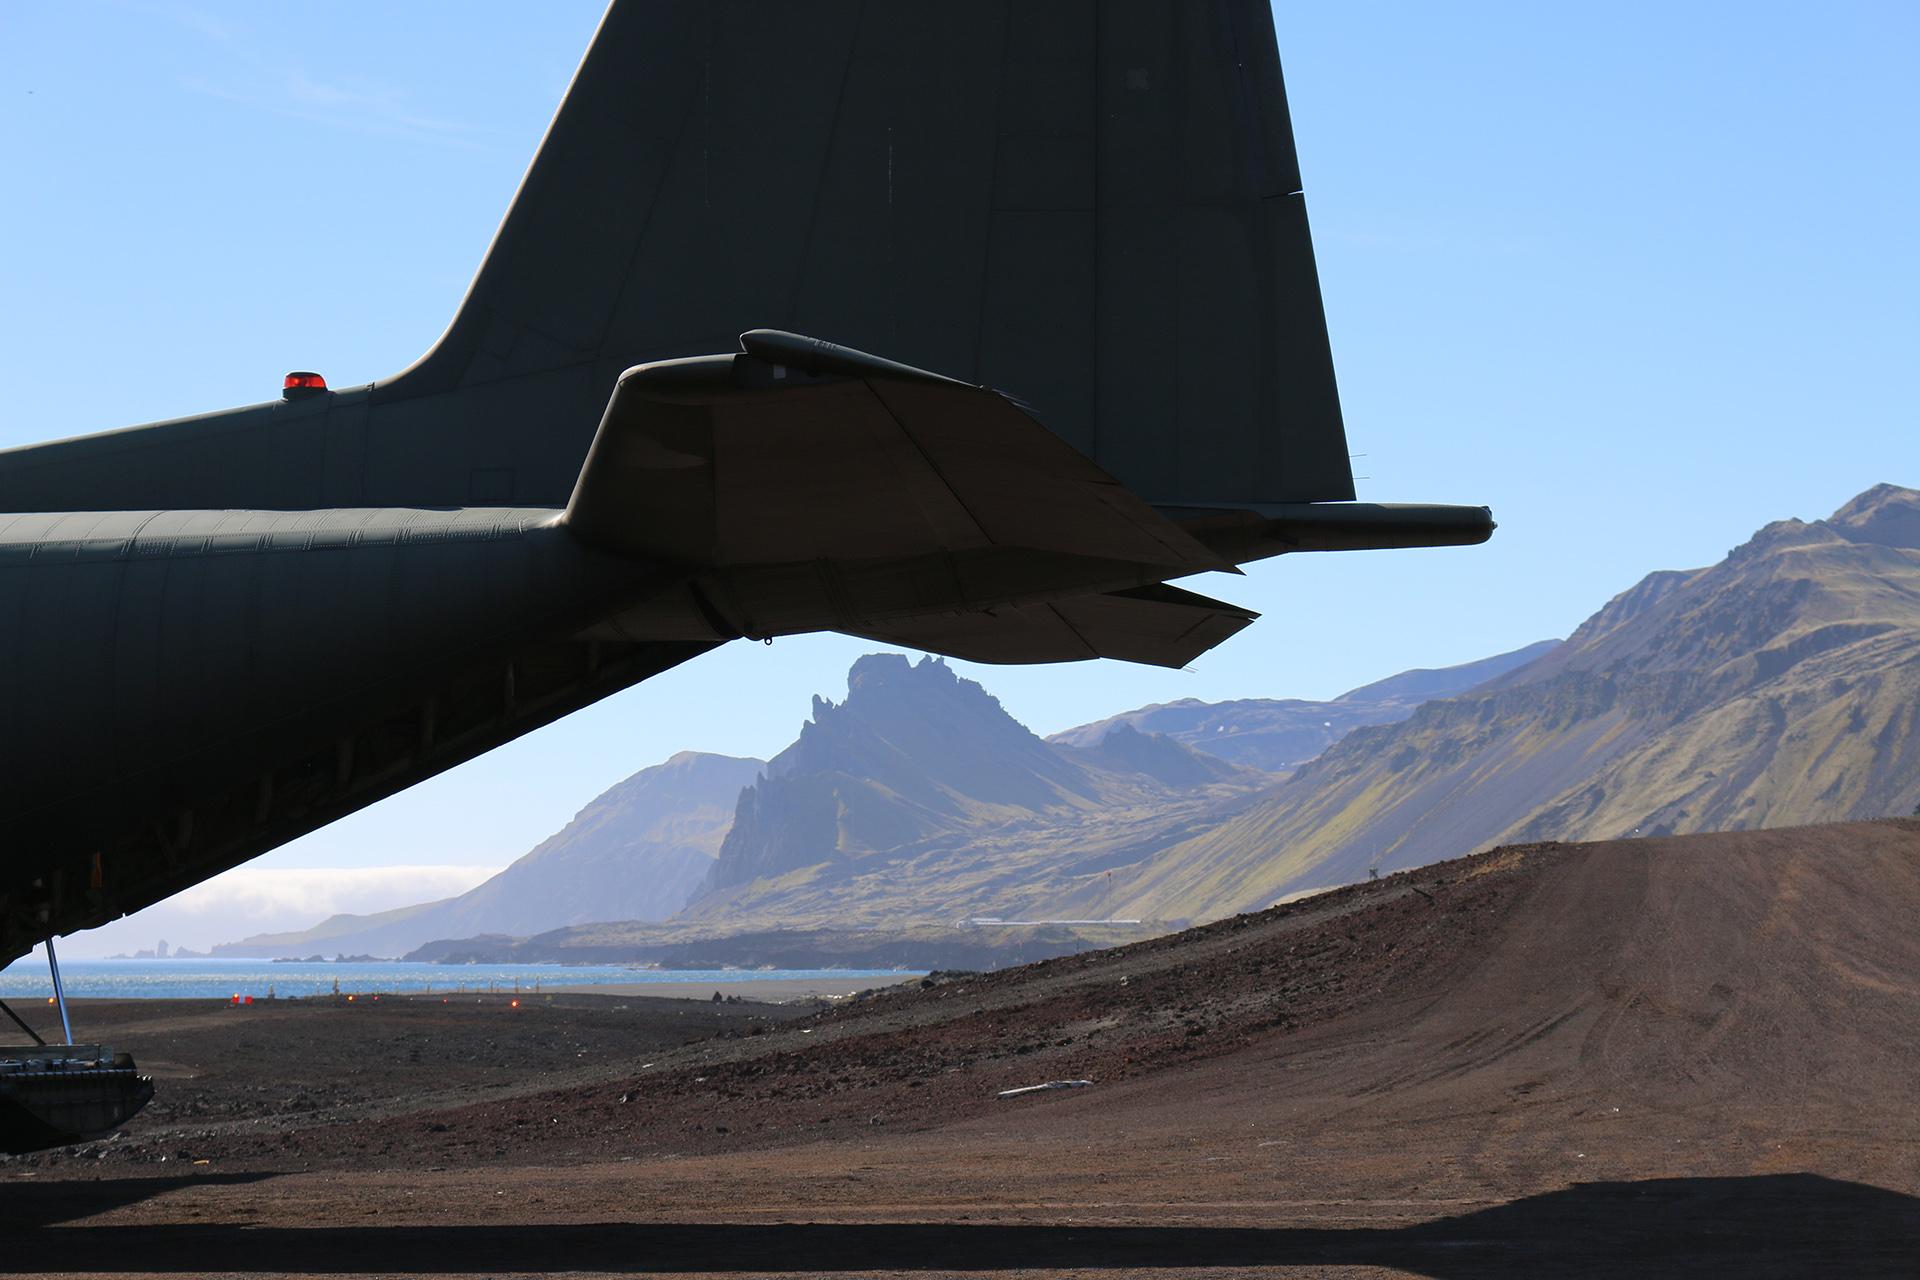 Bilde av Hercules fly fra forsvaret. Foto: Karen Thommesen, Riksantikvaren